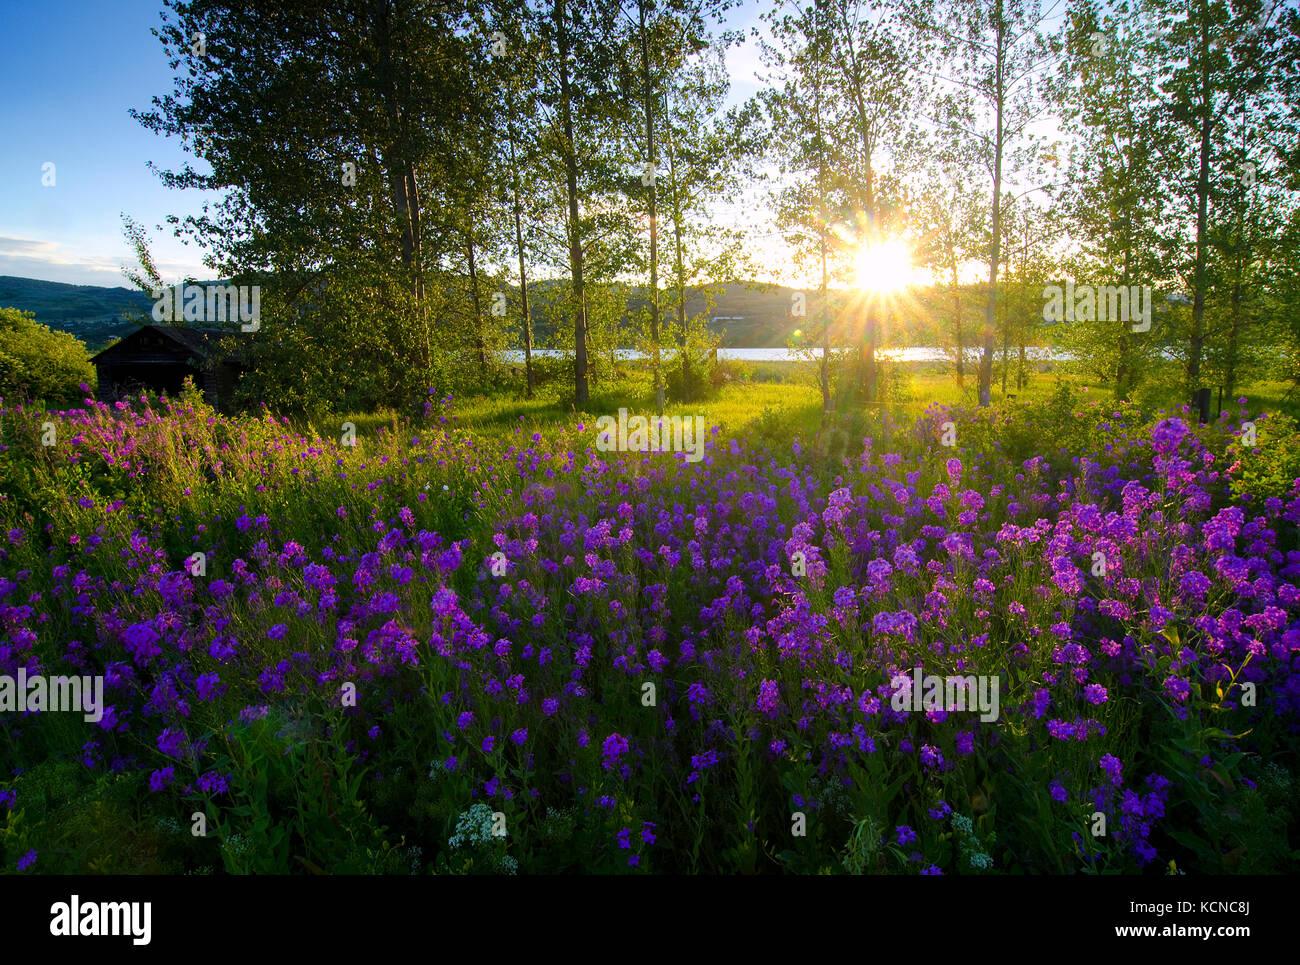 Hesperis matronalis (dames rocket) en pleine floraison comme ils tremper dans la fin du printemps soleil aux côtés Photo Stock